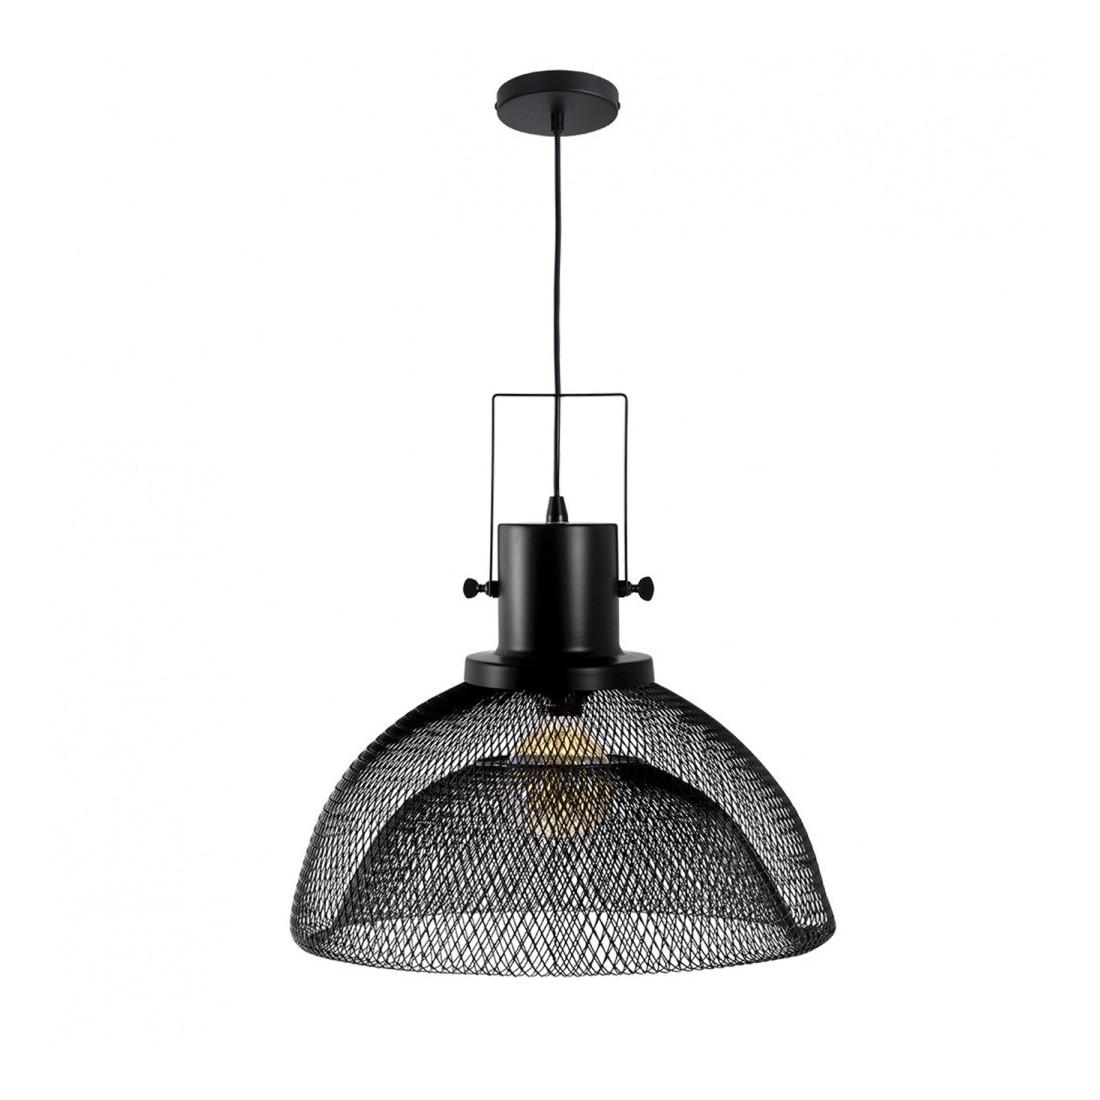 L mparas de techo cil ndricos tipo foco env o r pido y seguro - Tipos de lamparas de techo ...